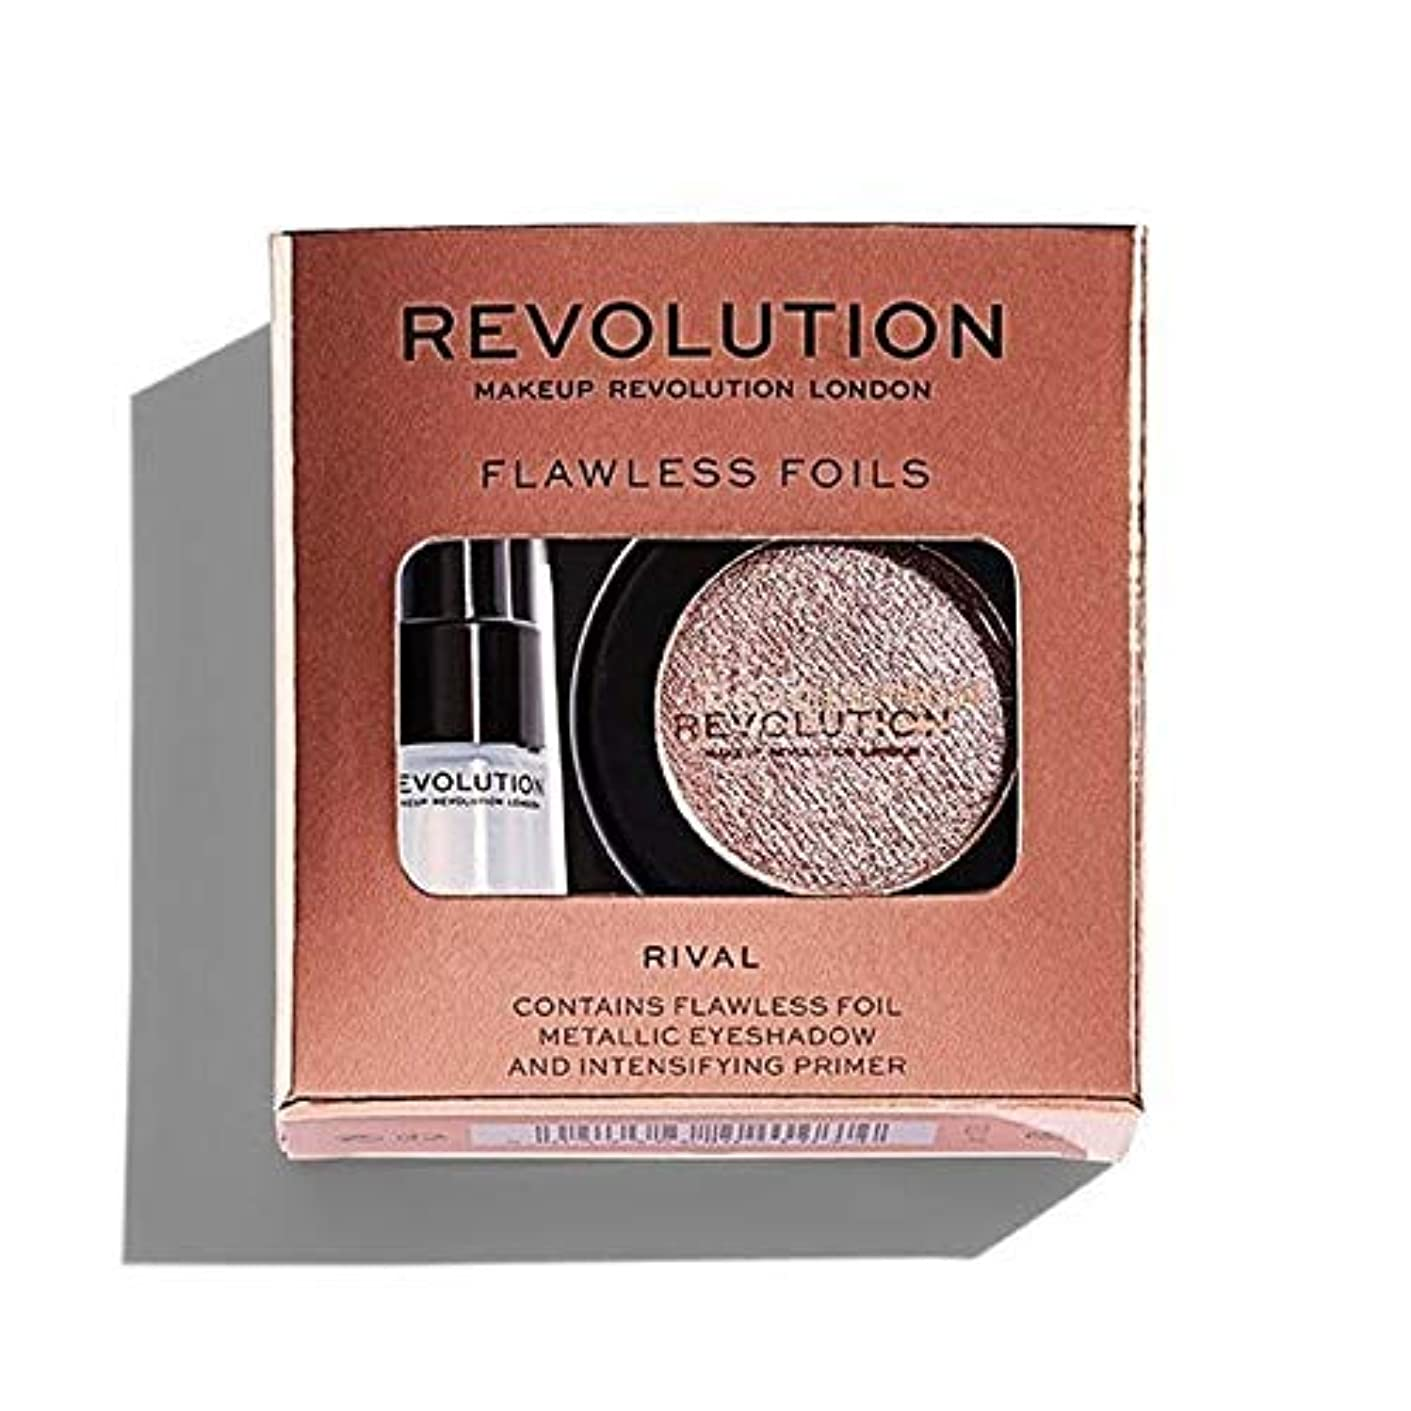 運動融合カップル[Revolution ] ライバル革命完璧な箔 - Revolution Flawless Foils Rival [並行輸入品]